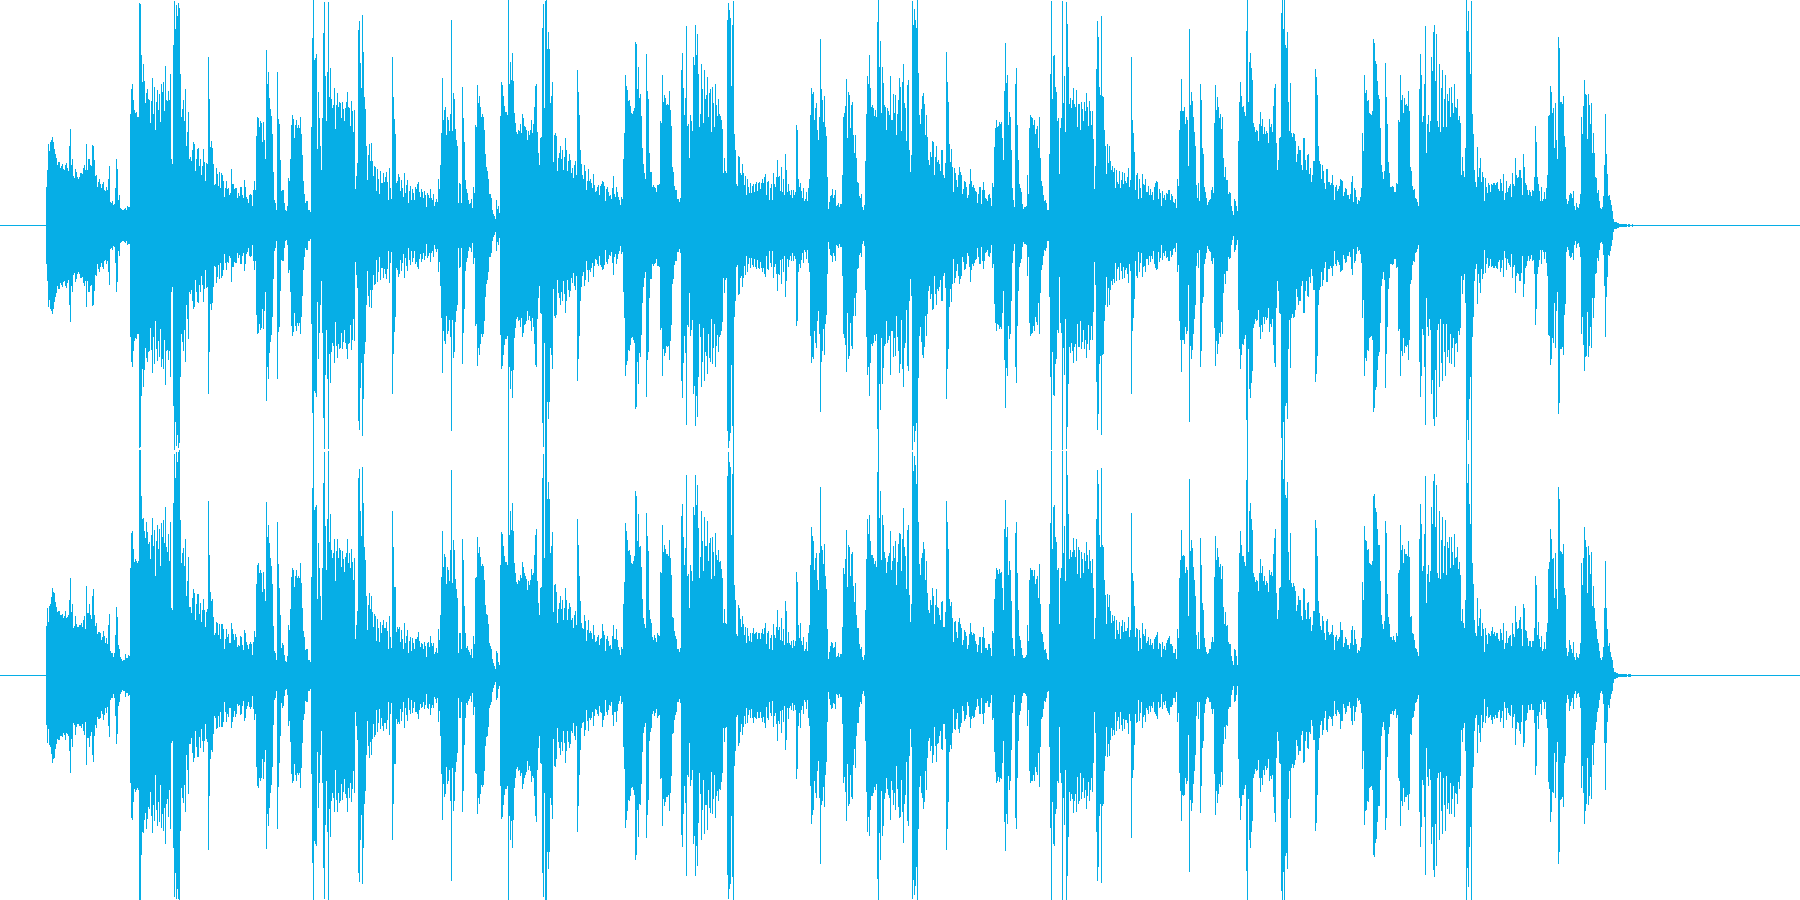 オシャレなR&B系BGMの再生済みの波形